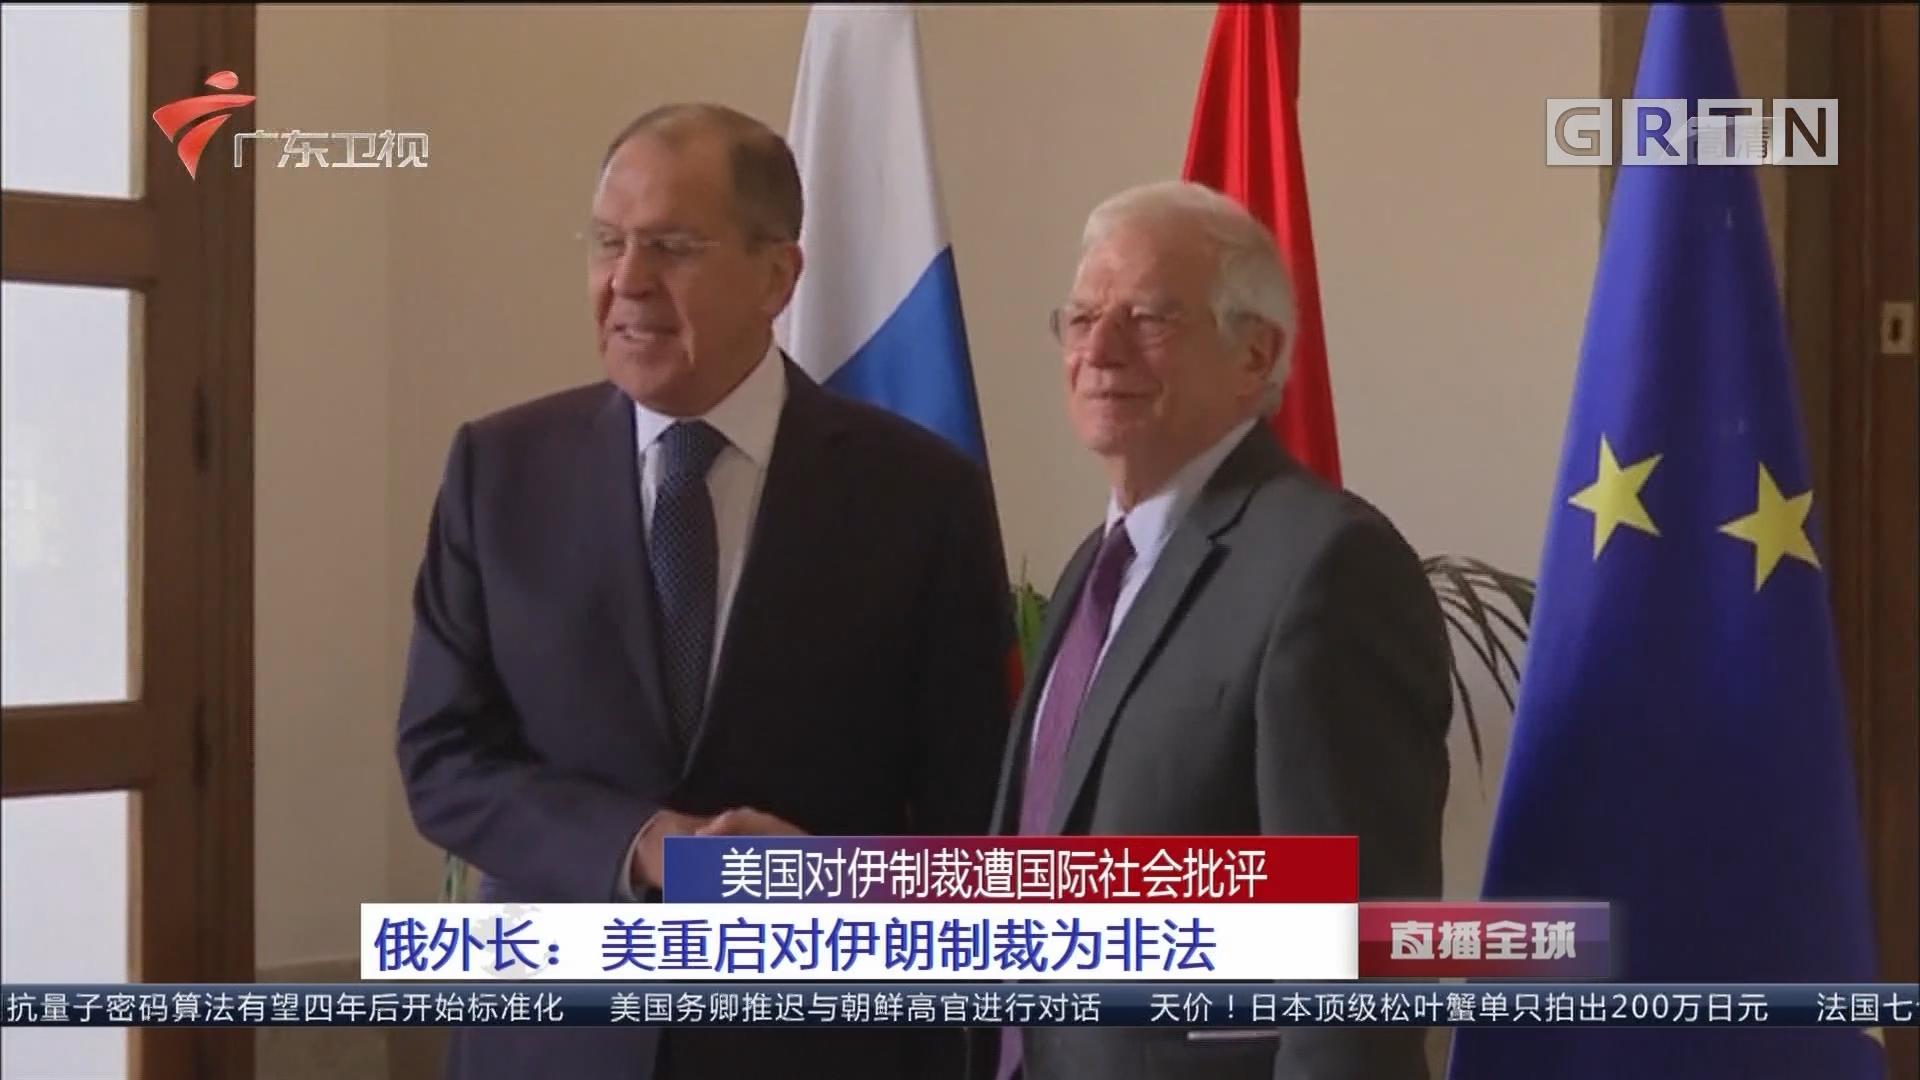 美国对伊制裁遭国际社会批评 俄外长:美重启对伊朗制裁为非法